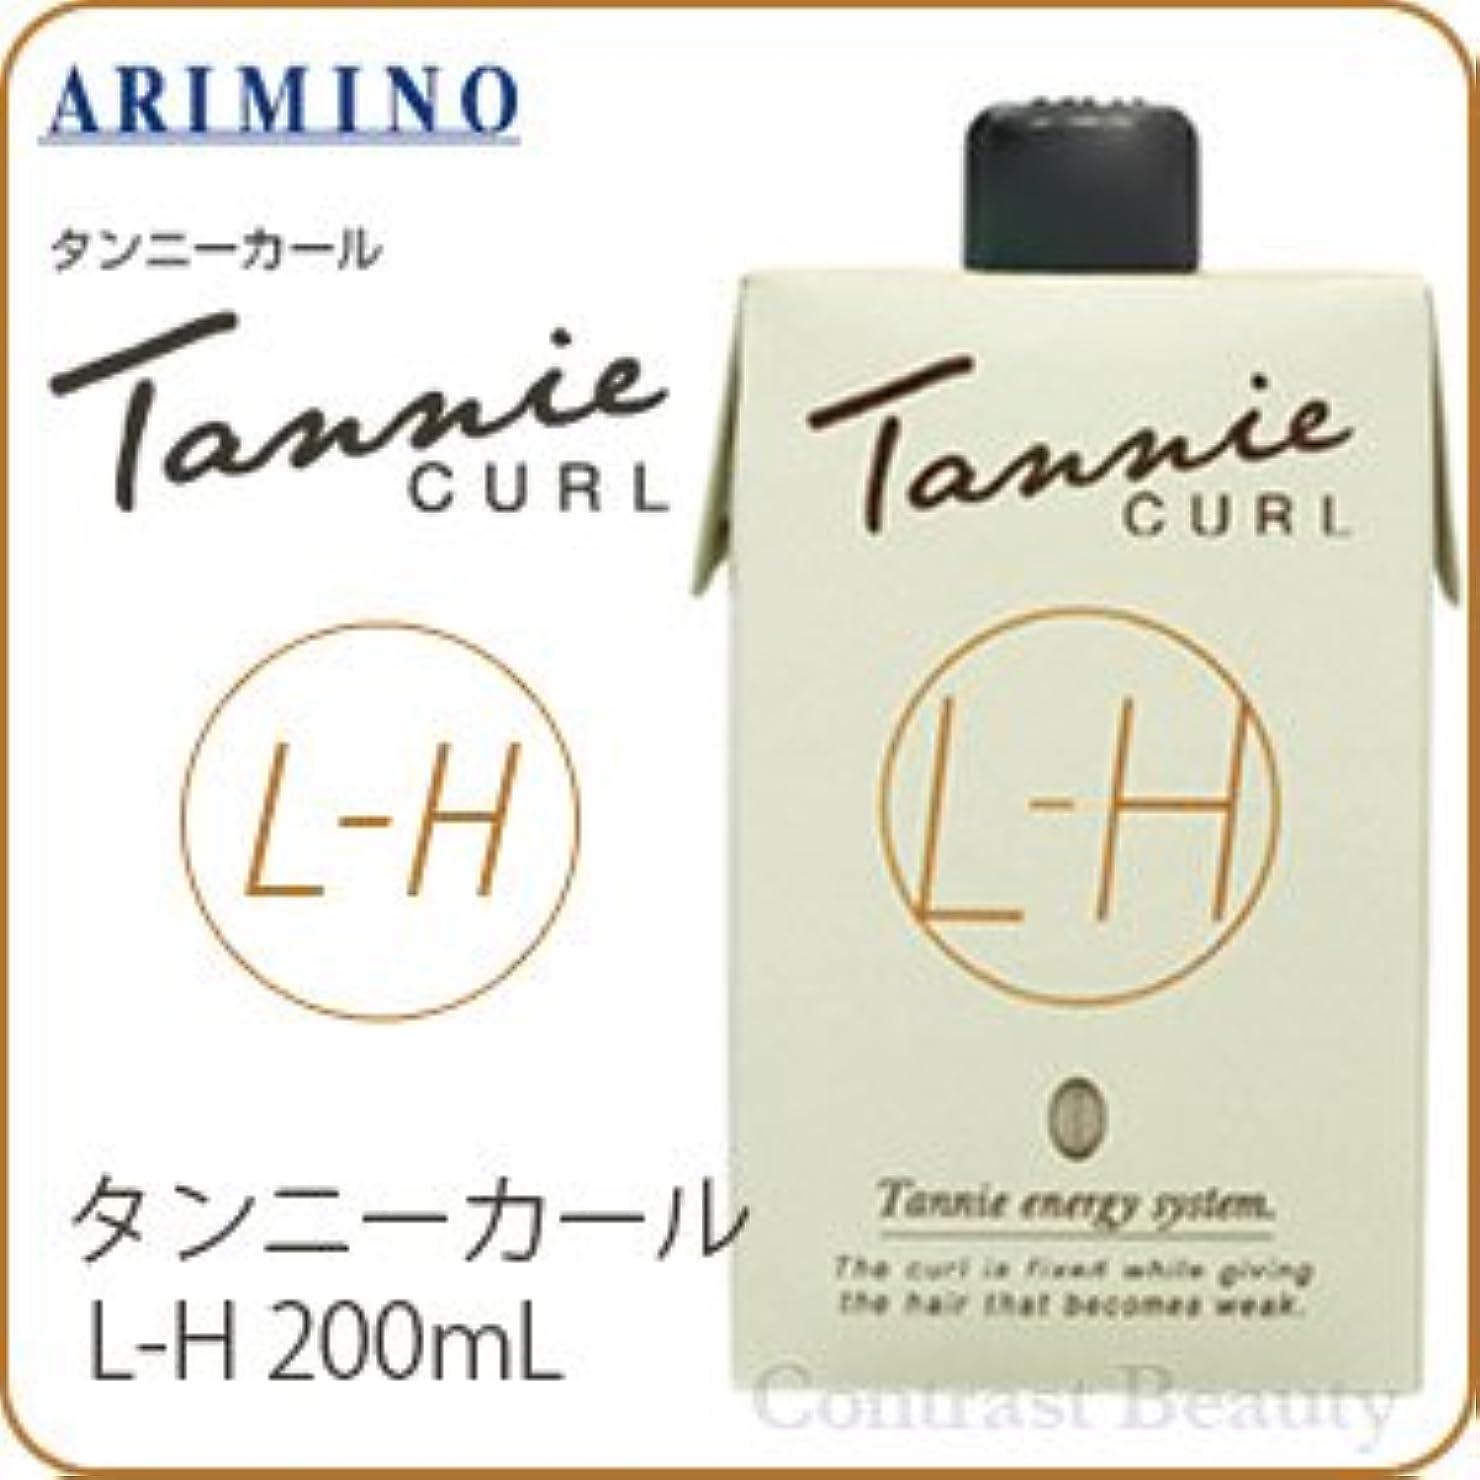 暴露残酷なできた【X3個セット】 アリミノ タンニーカール L-H 400ml